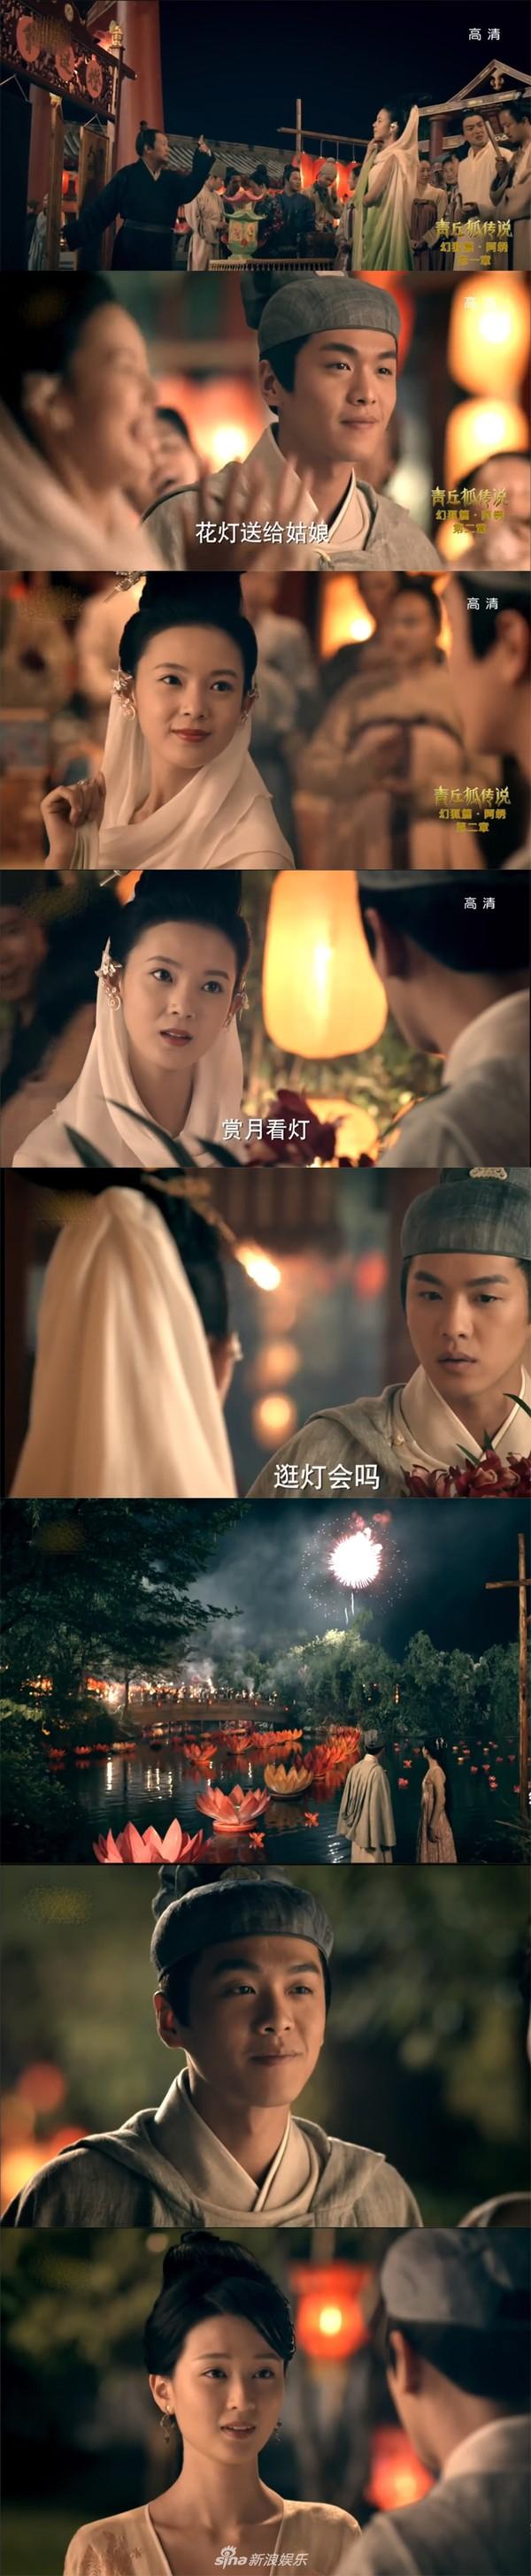 Tết Nguyên Tiêu chính là ngày lễ tình nhân thời xưa, đã từng minh chứng trong phim của Triệu Lệ Dĩnh, Đường Yên, Angelababy 4